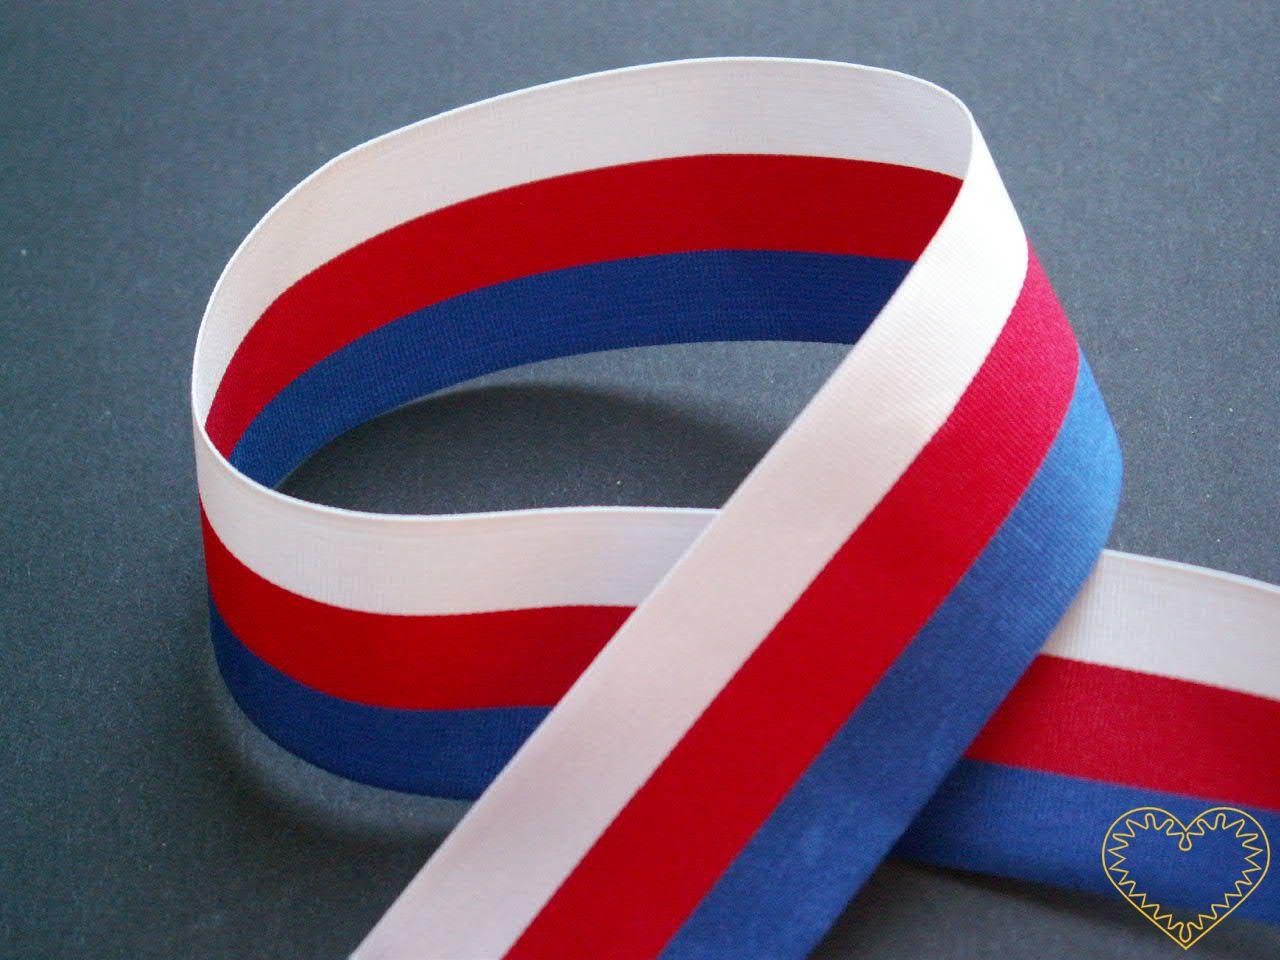 Stuha textilní - šíře 30 mm - trikolora v národních barvách. Vhodná všude tam, kde je důležité zdůraznit českou státnost - hodí se k nejrůznějšímu dekorování, aranžování či jako závěs na medaile apod.